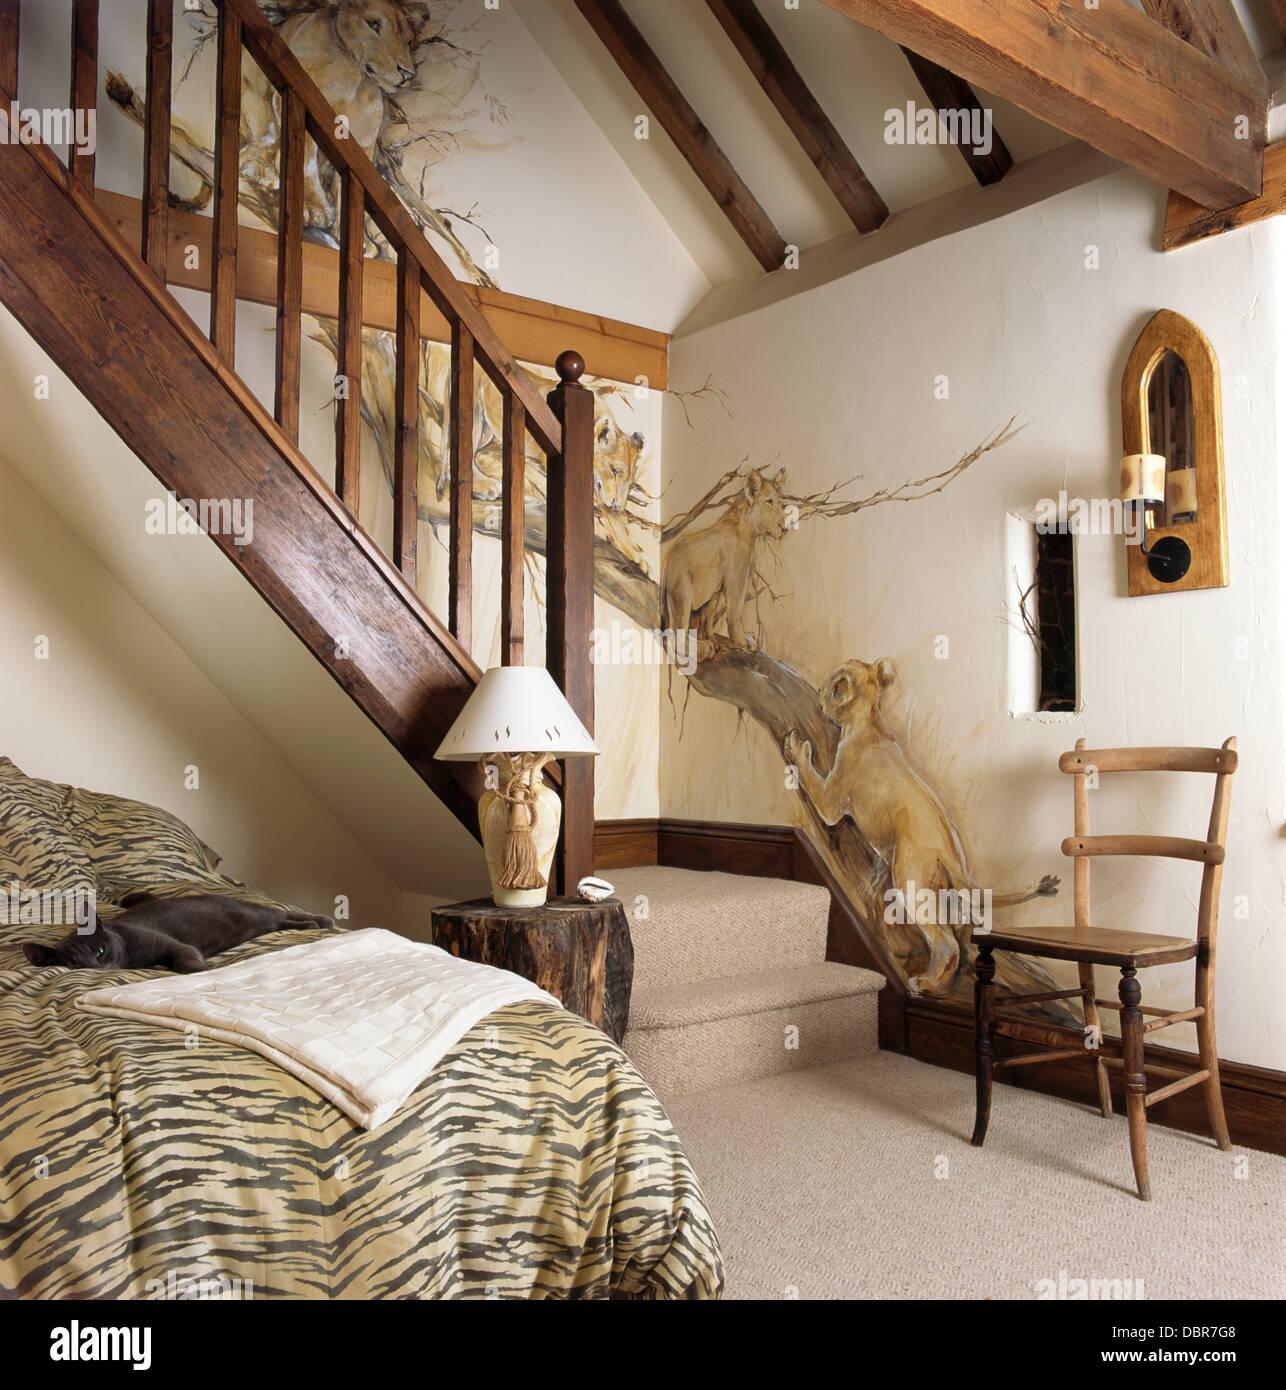 Wandbild von Löwen aufgemalt Wand über Holztreppe im Schlafzimmer ...